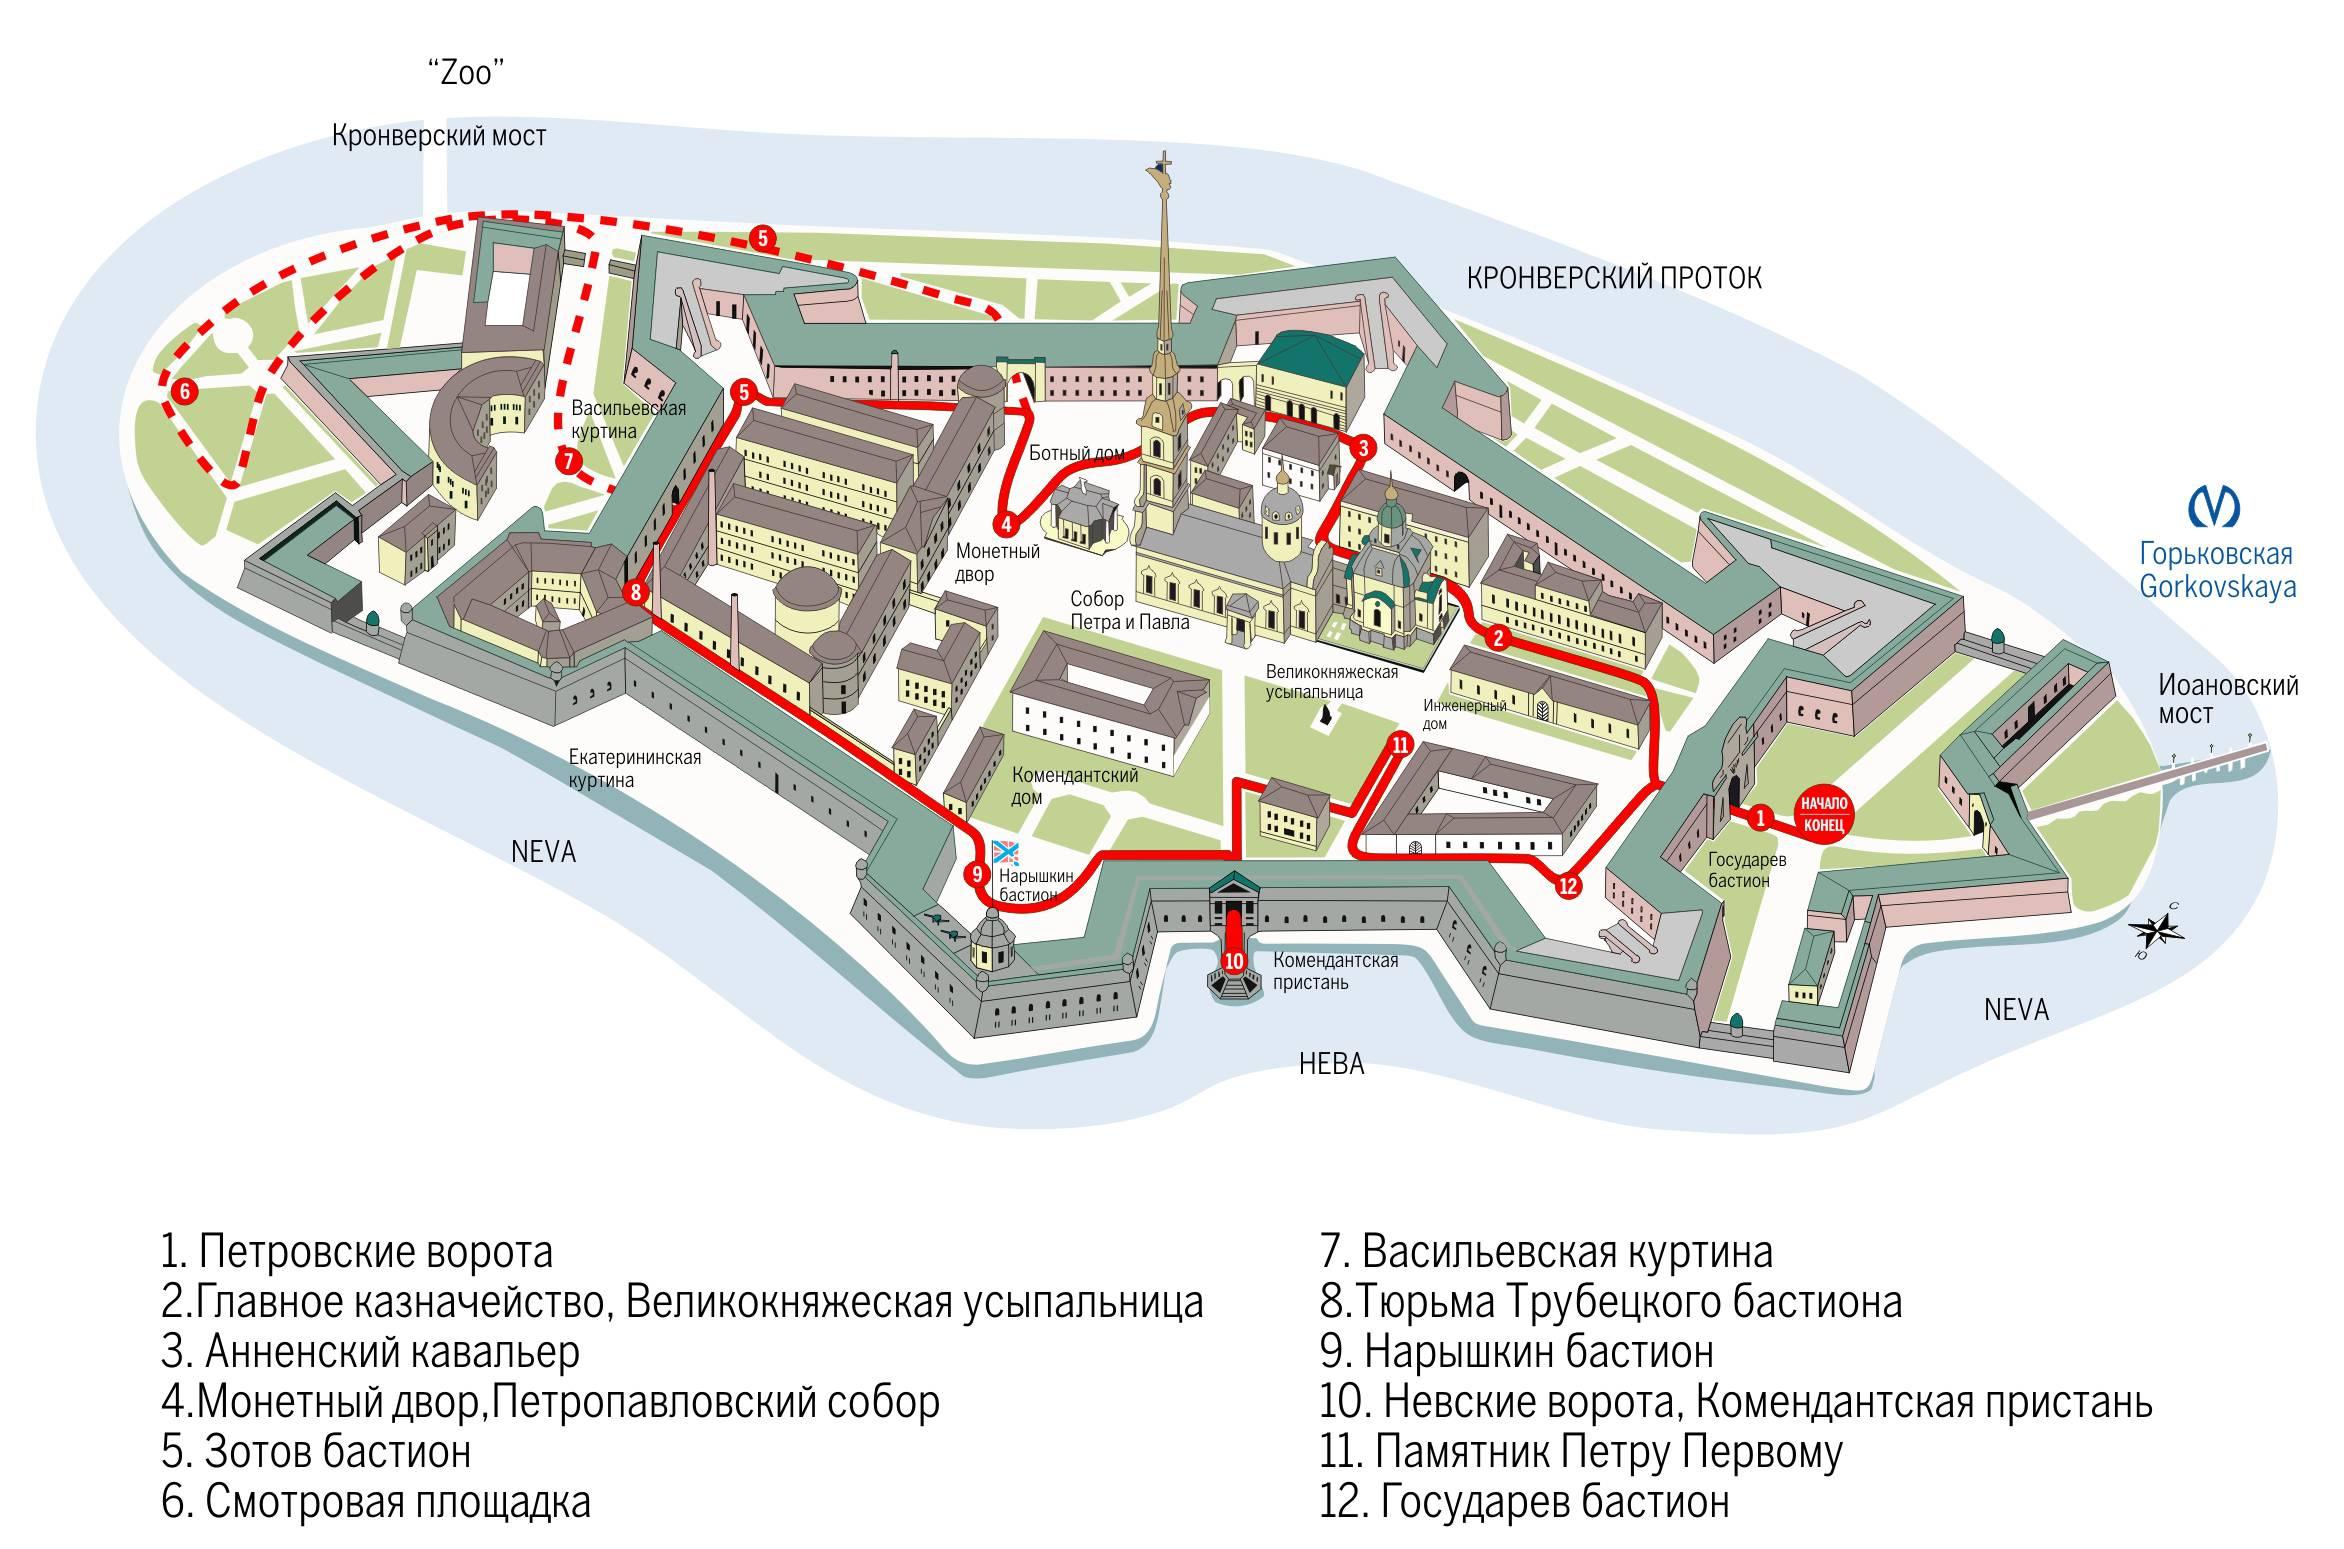 Схема петропавловской крепости спб